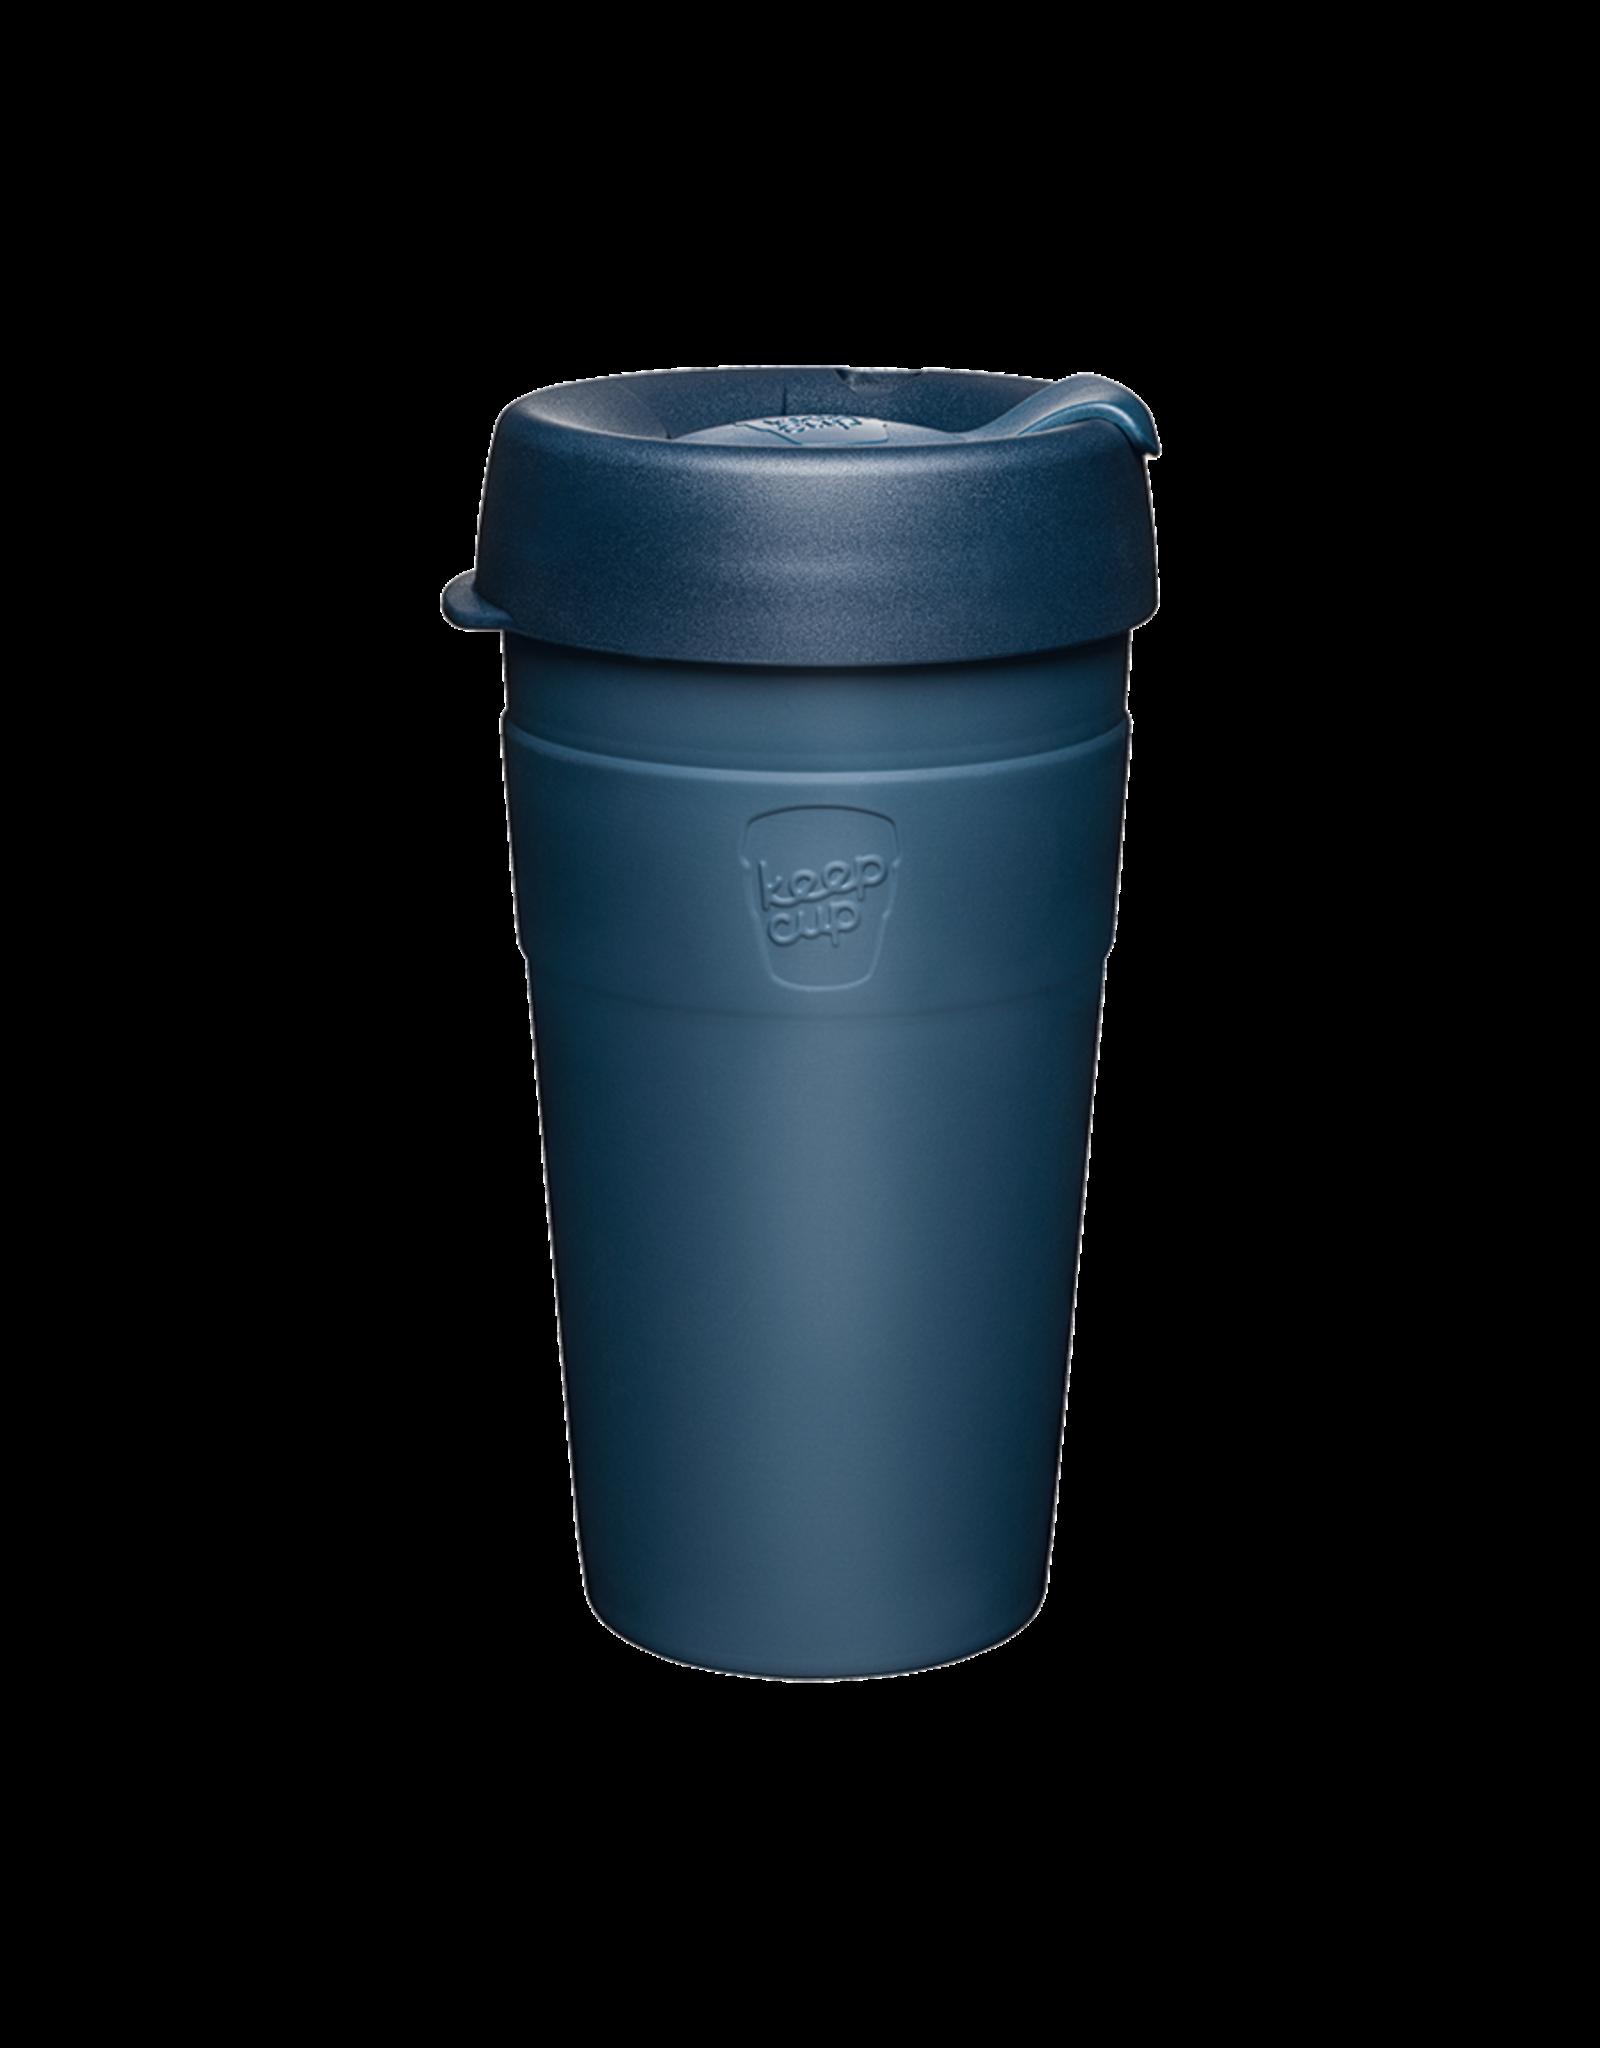 KeepCup KeepCup Thermal Case Travel Mug 16oz (stainless steel)